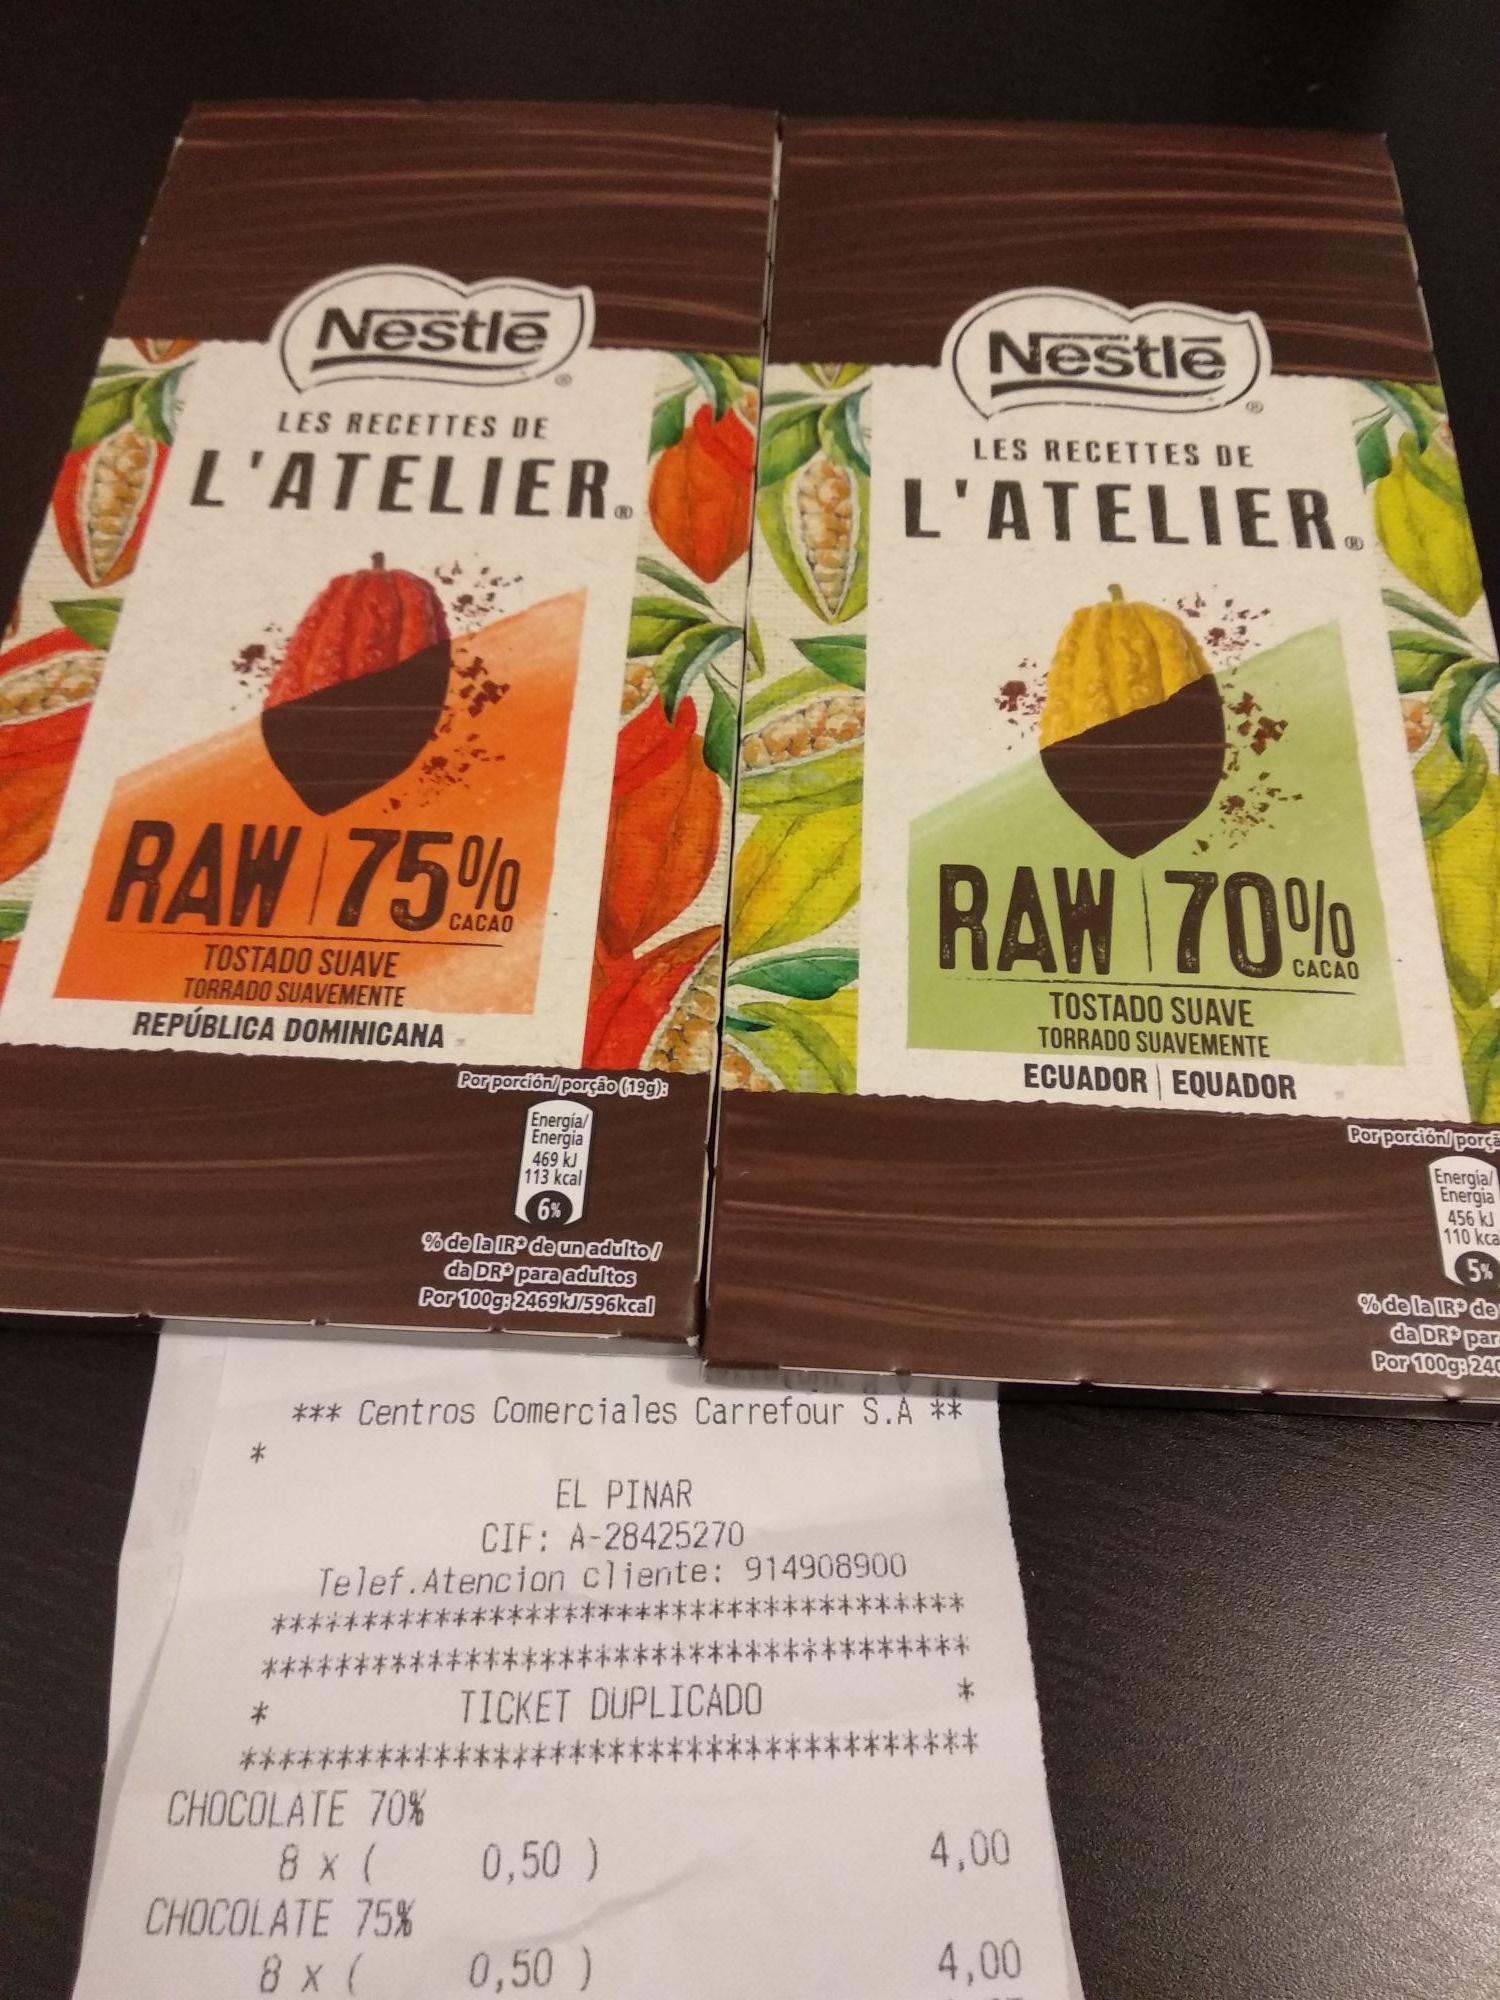 Chocolate negro Nestlé L'atelier a precio de derribo! (Carrefour del Pinar de las rozas)